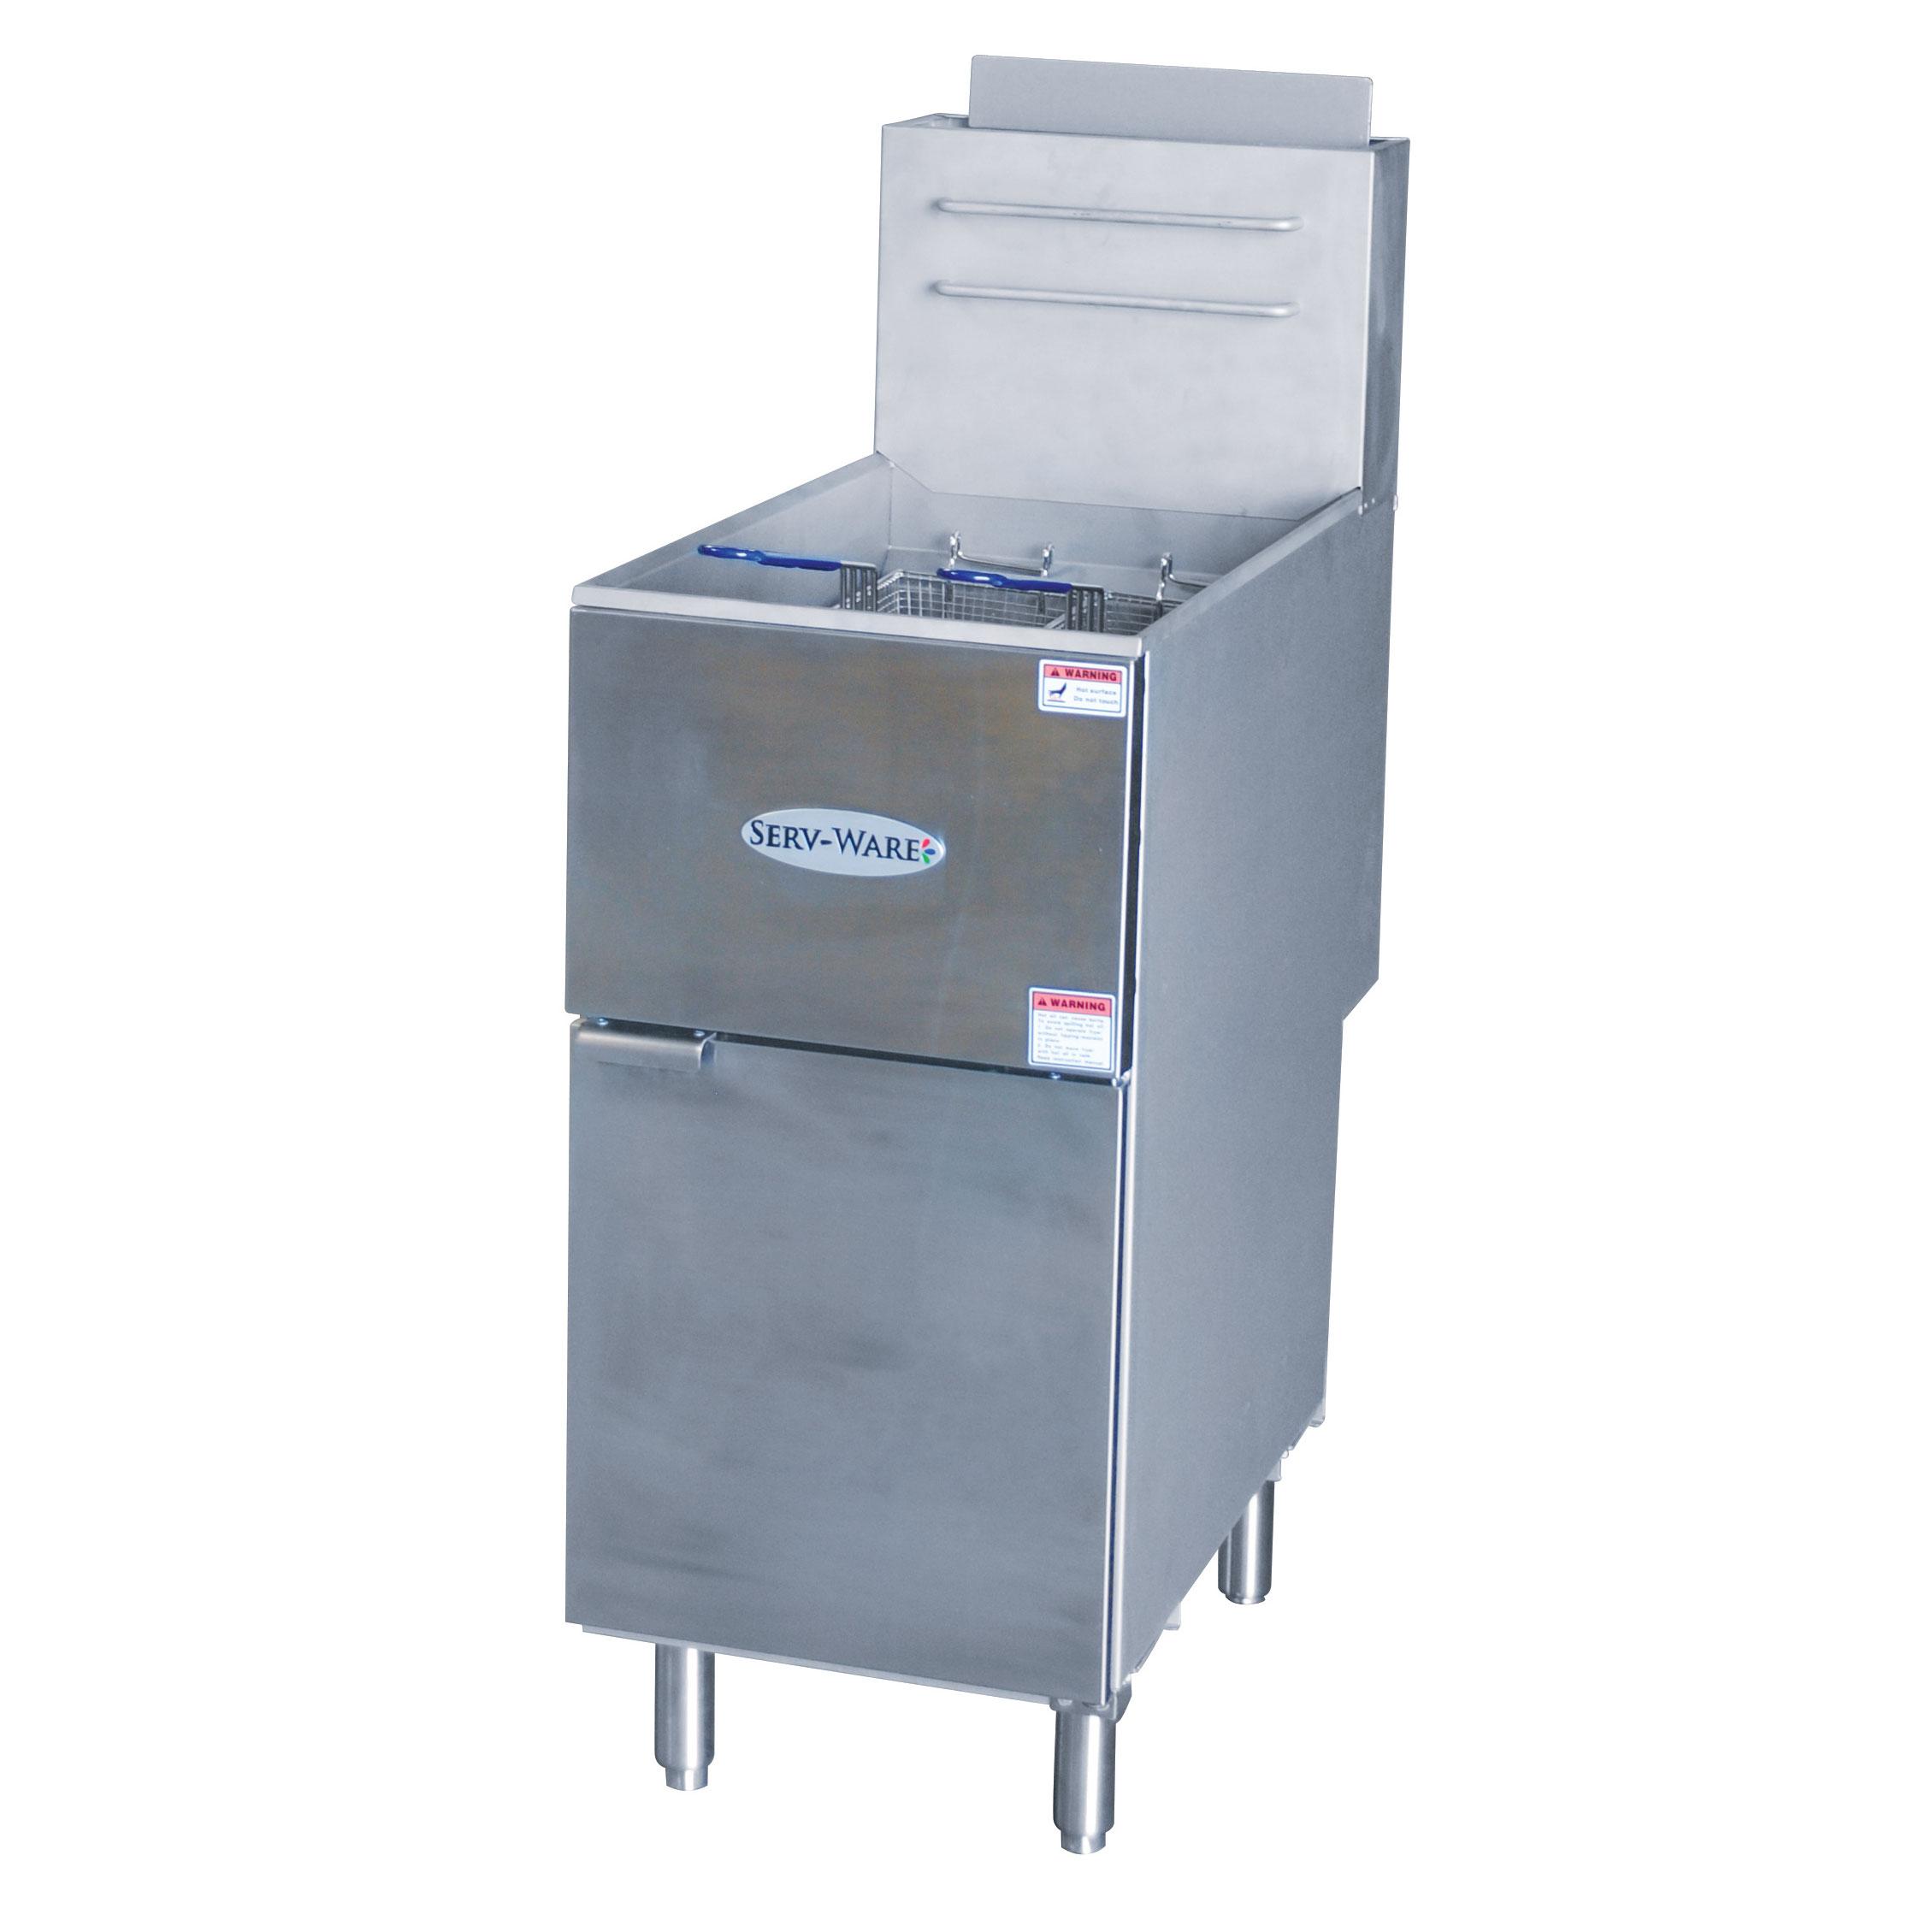 Serv-Ware SGF-50N fryer, gas, floor model, full pot